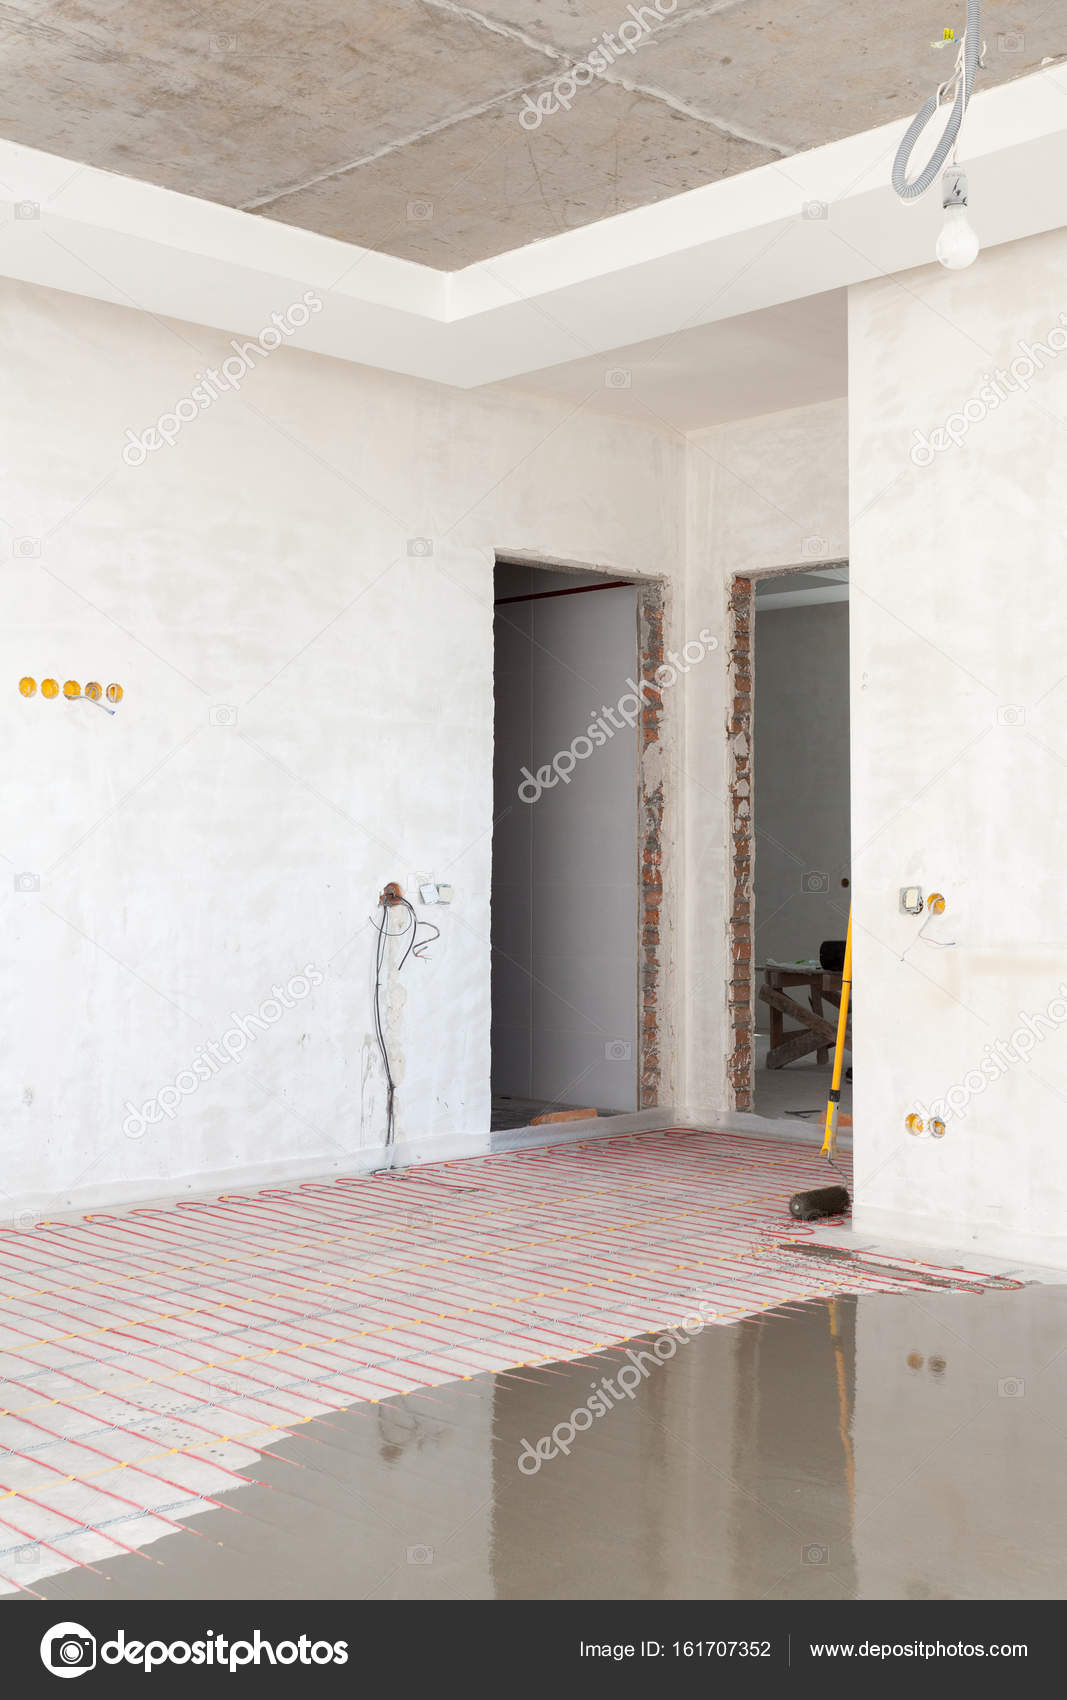 Elektrische Fußbodenheizung System Installation Im Neuen Haus. Zimmer Mit Weißen  Wänden, Zement Und Elektrische Leitungen U2014 Foto Von Brizmaker